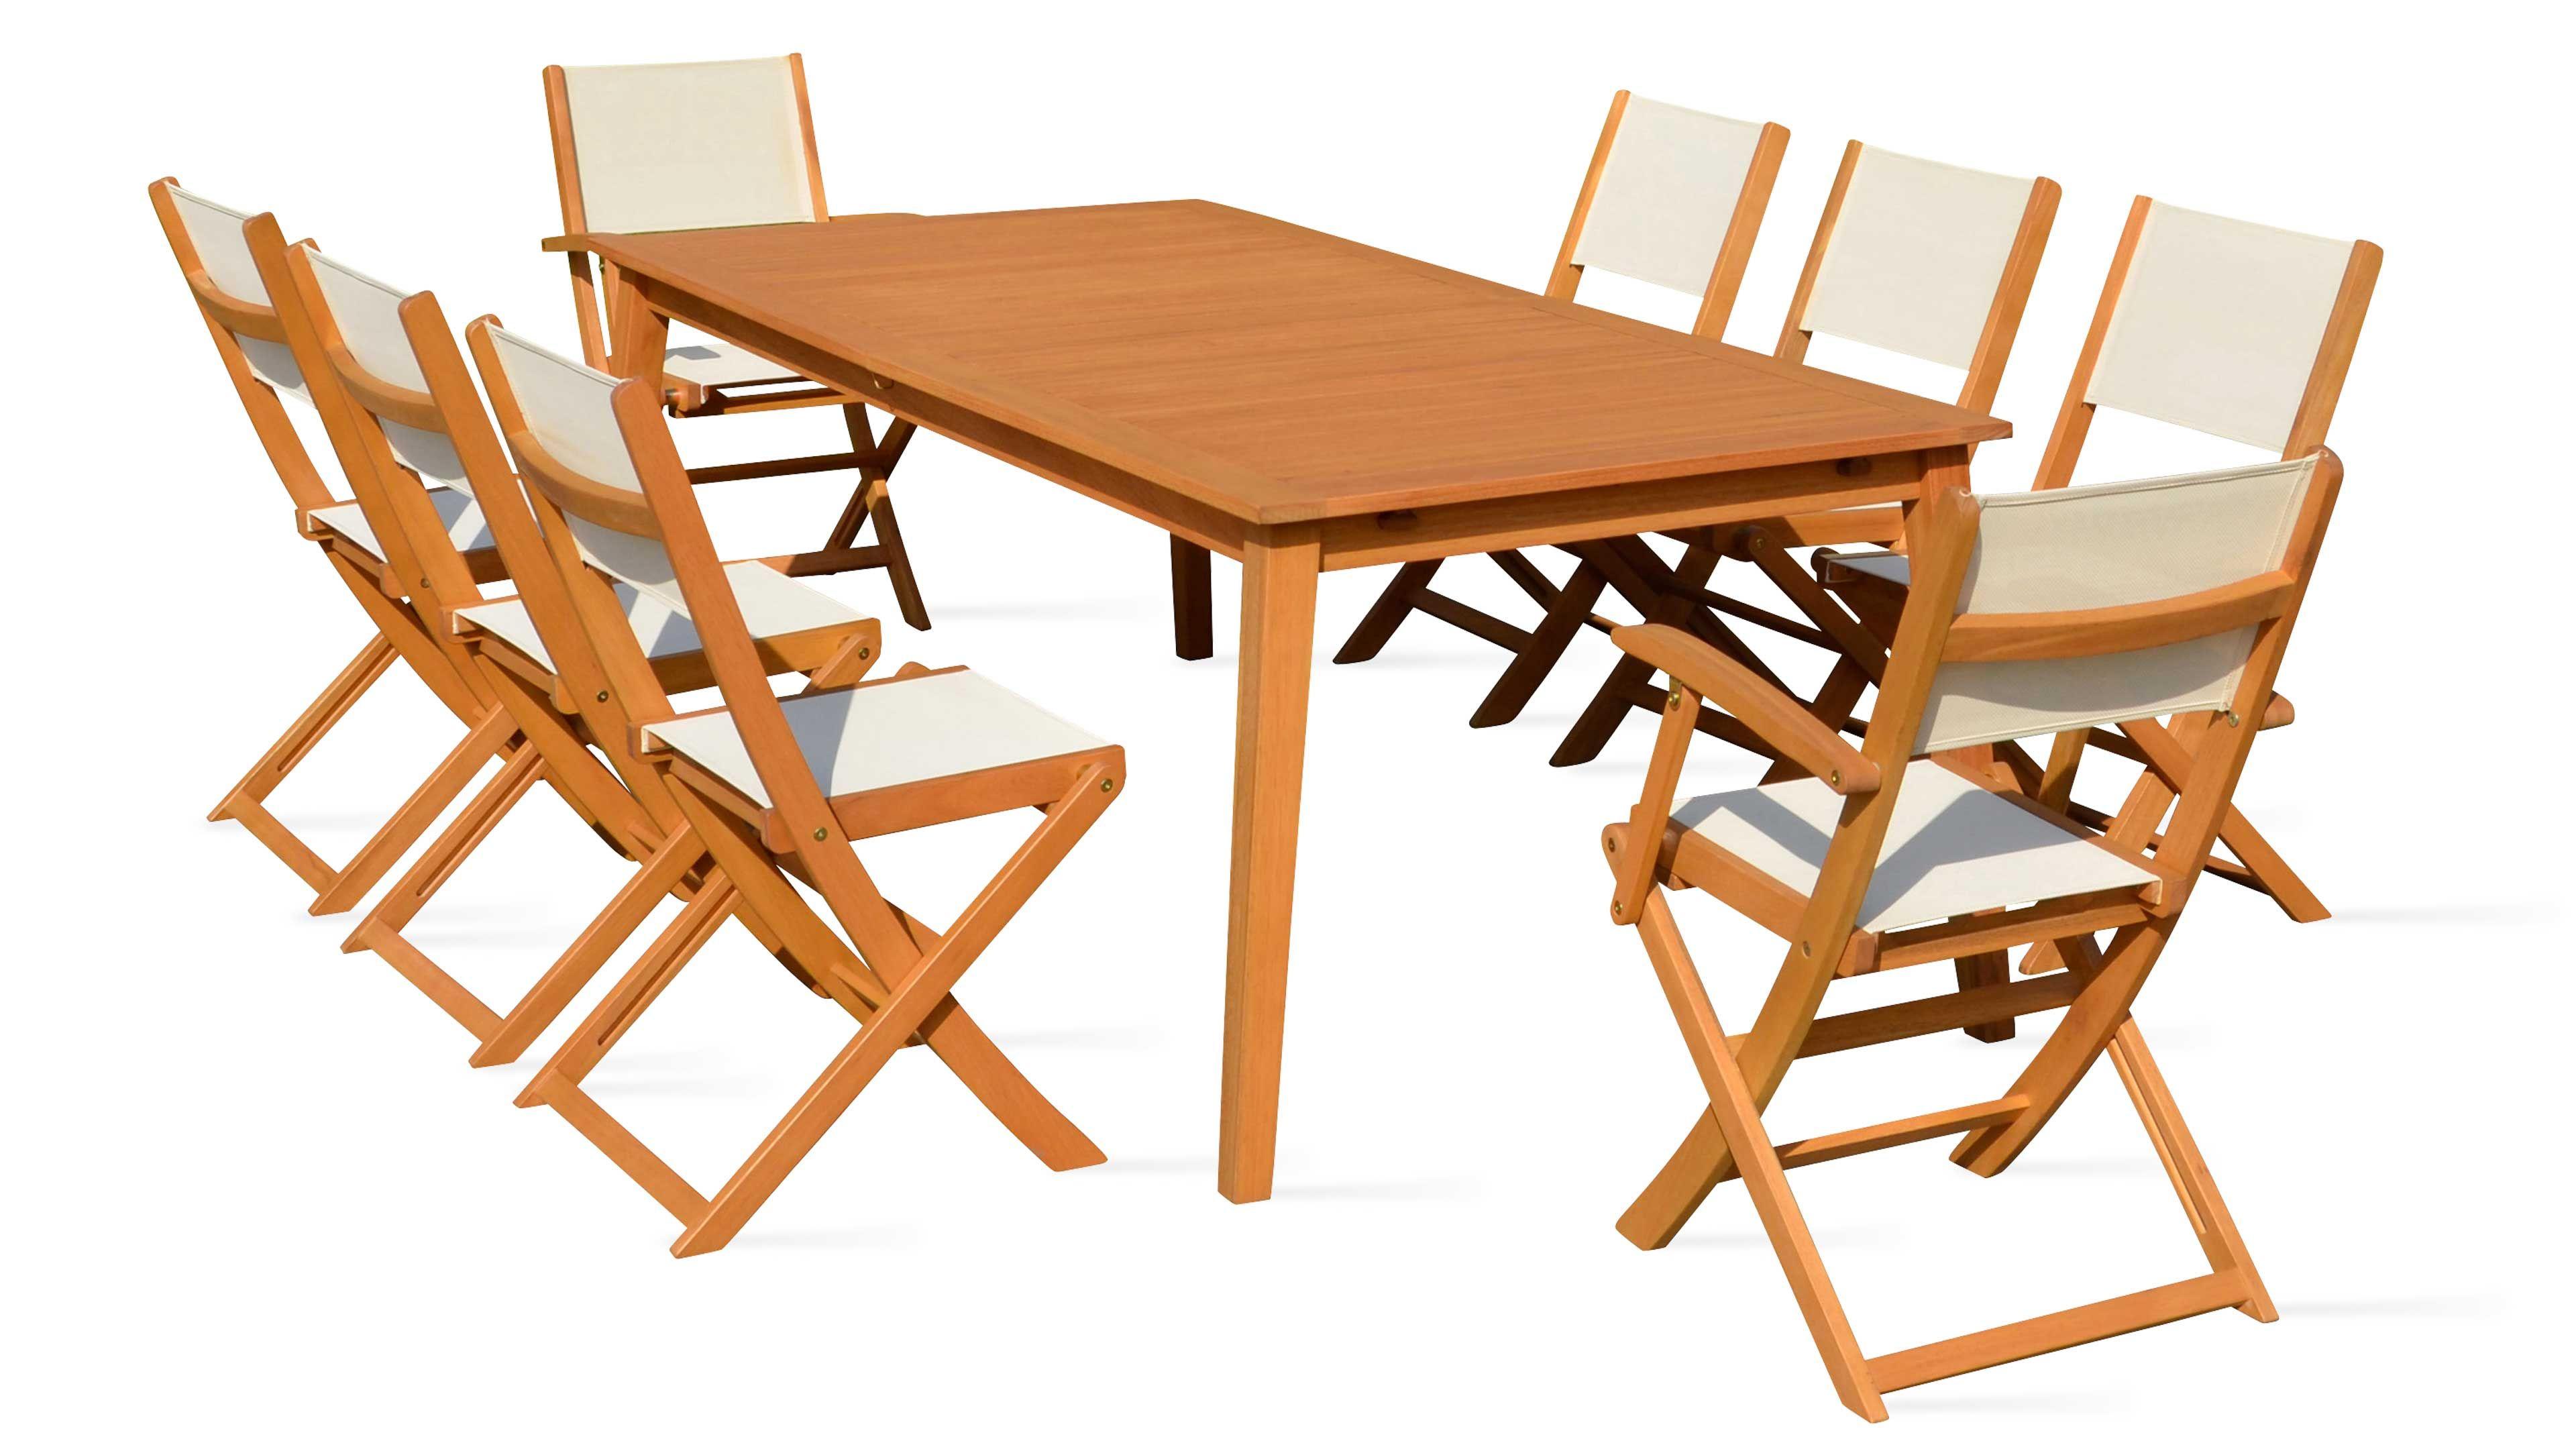 Salon De Jardin 8 Places En Bois Table Et Chaise encequiconcerne Table De Jardin En Bois Avec Chaises